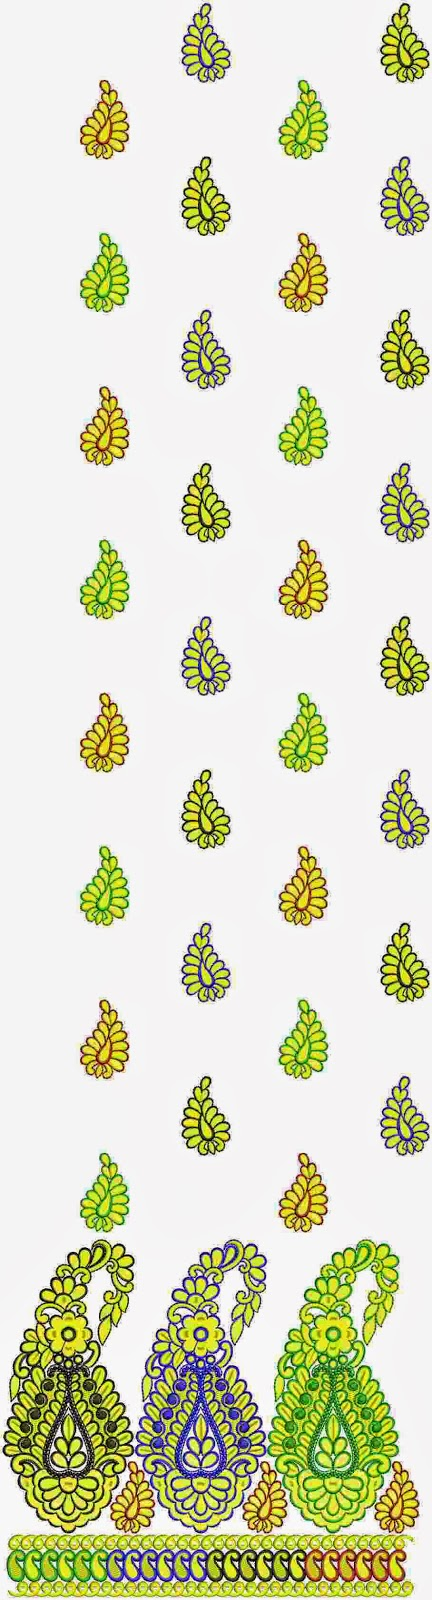 gratis paisley borduurwerk ontwerp Lawn pak